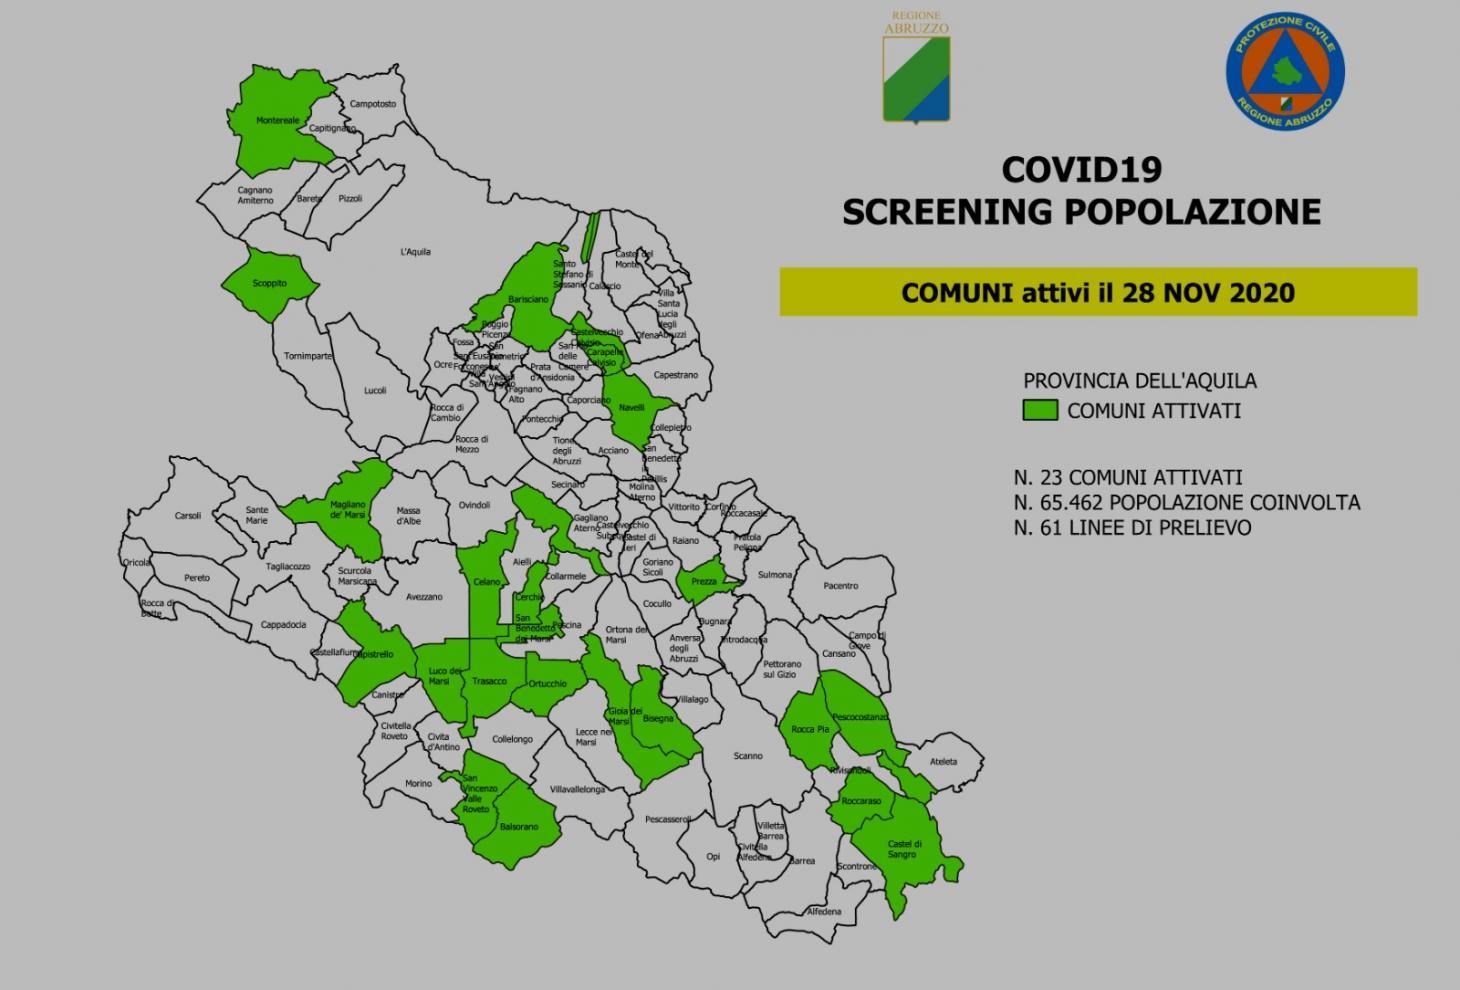 Cartina Abruzzo Pdf.Covid 19 Scaricabile Il Modulo Per Lo Screening Attivo In Provincia Dell Aquila Regione Abruzzo